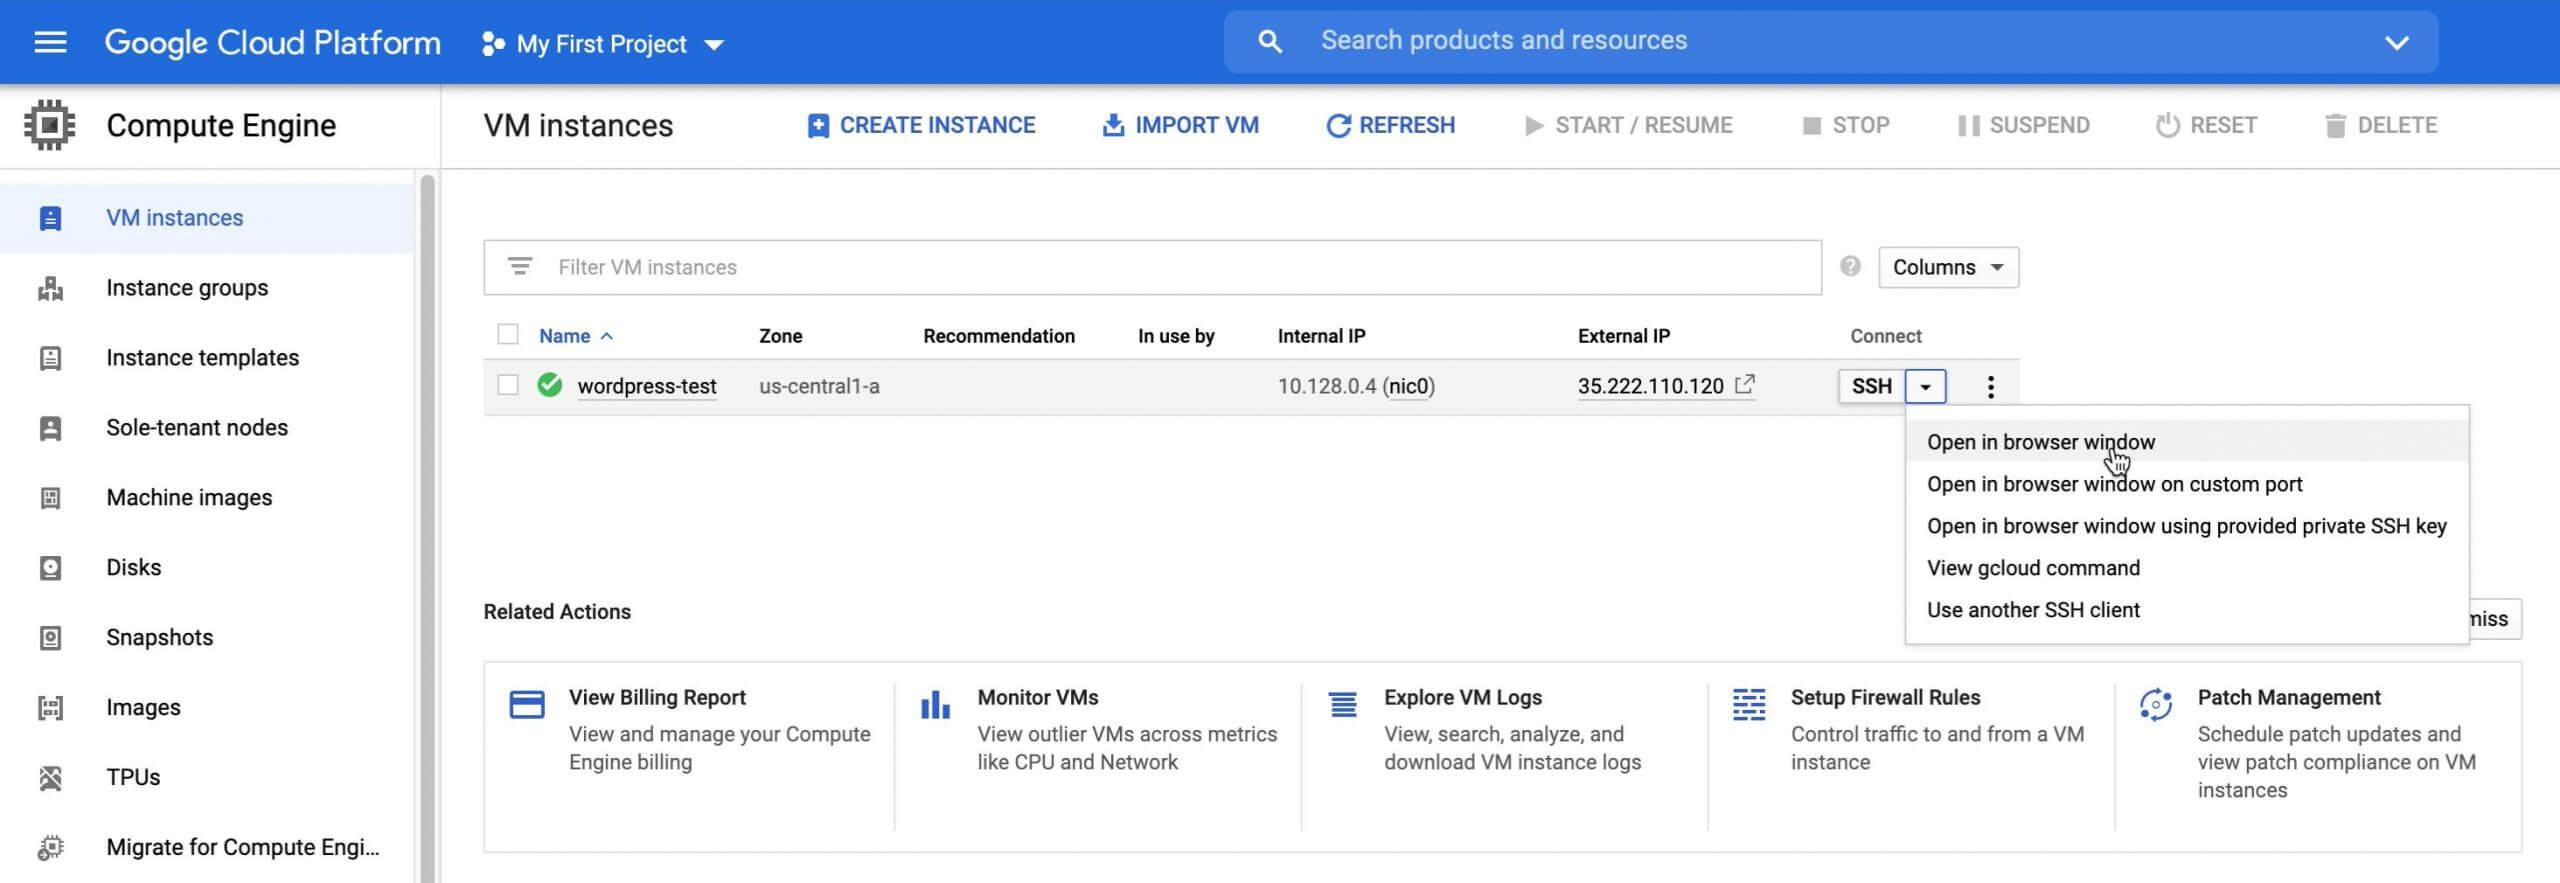 Open in browser window GCP VM instance